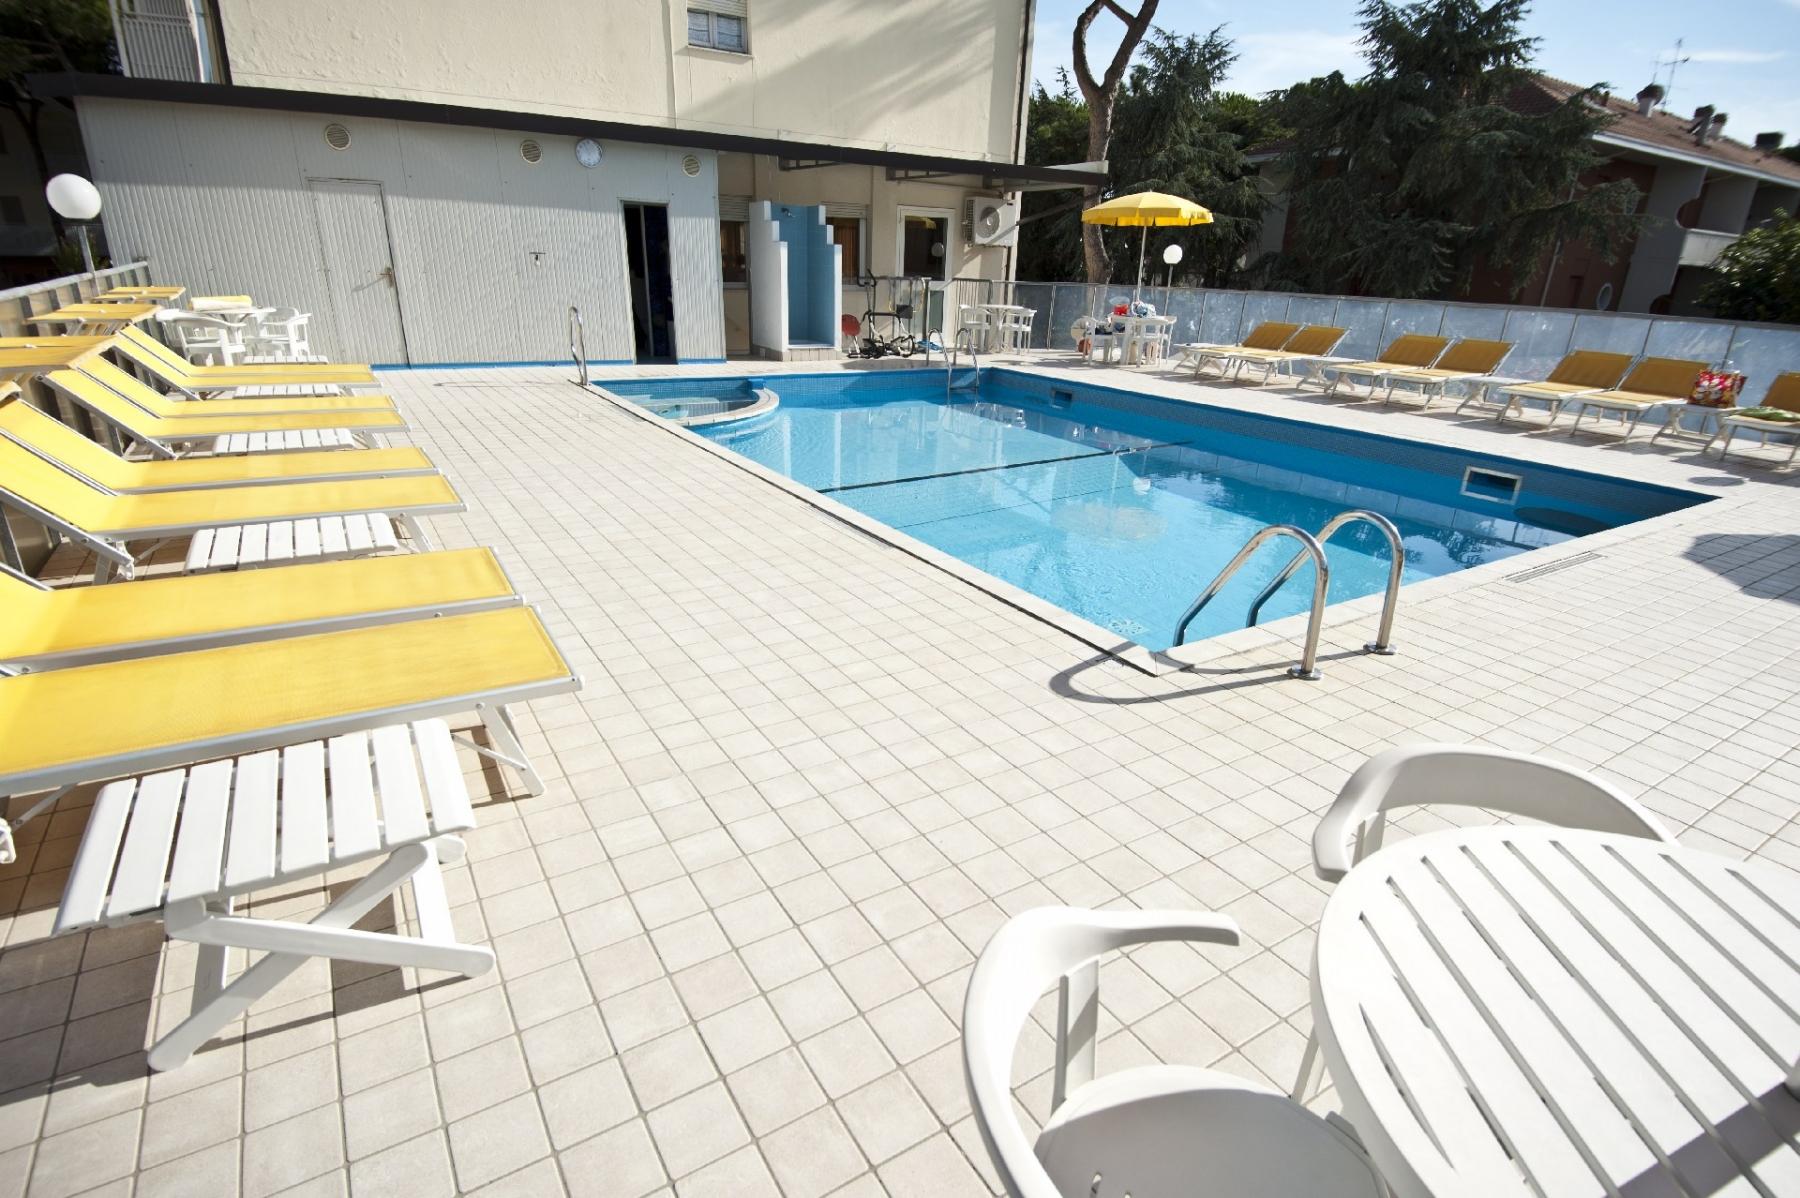 Piscina hotel giunchi pinarella di cervia - Hotel con piscina cervia ...